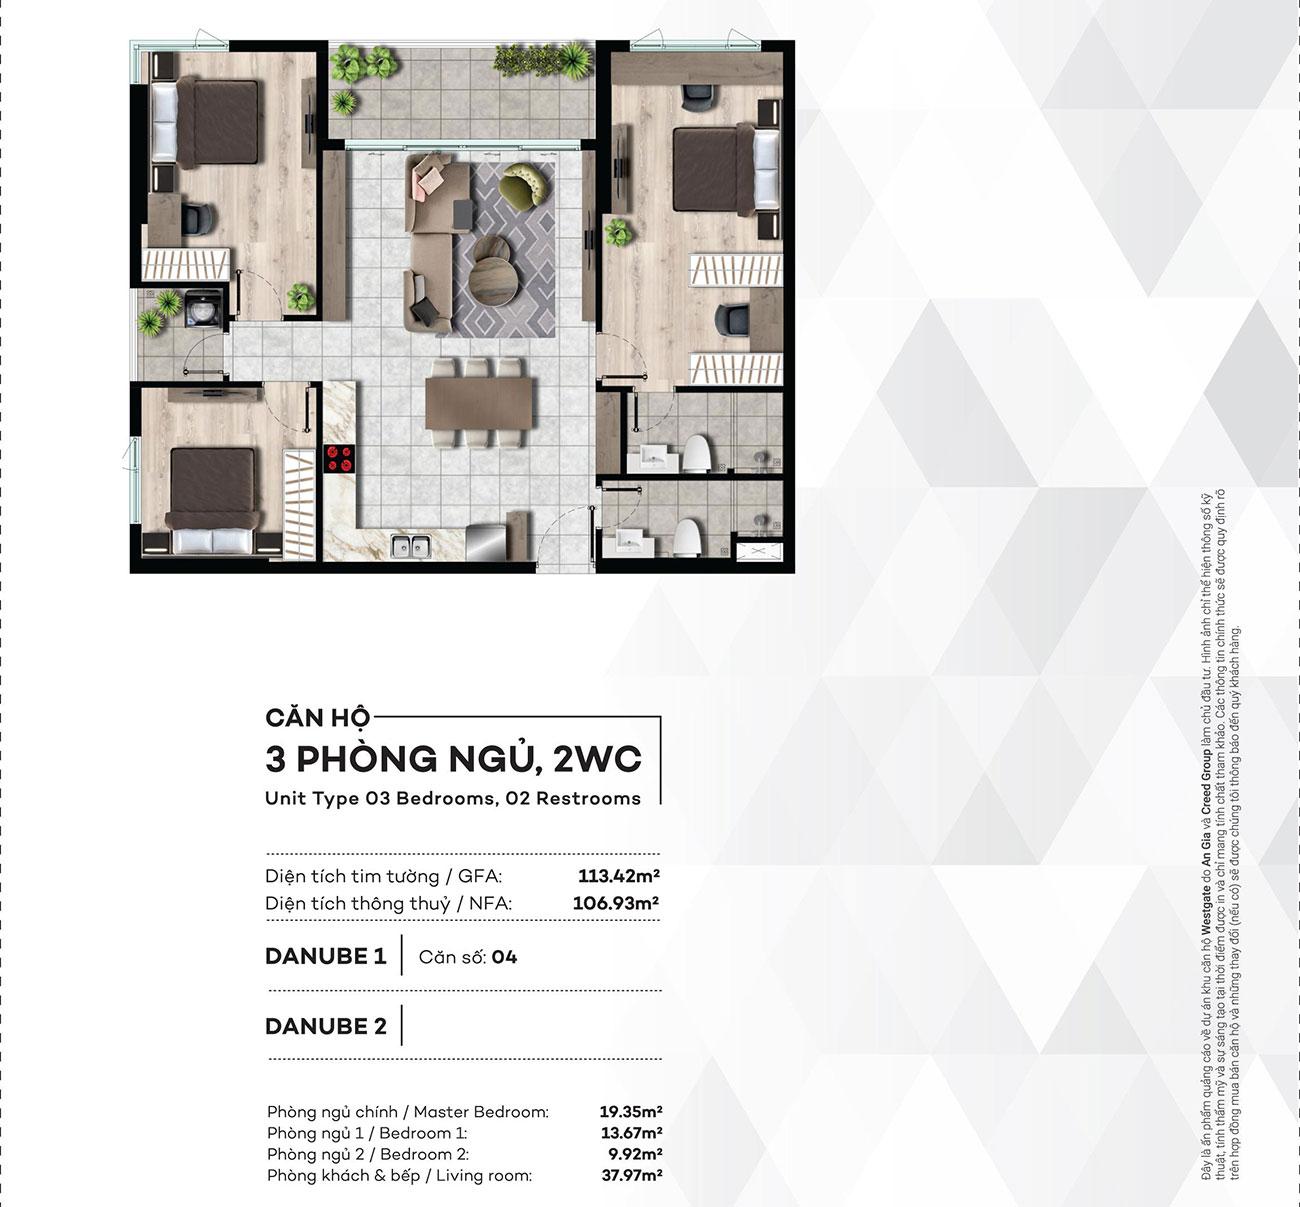 Thiết kế chi tiết căn hộ 3PN,2WC dự án West Gate Bình Chánh – Liên hệ 0942.098.890 nhận báo giá căn hộ này